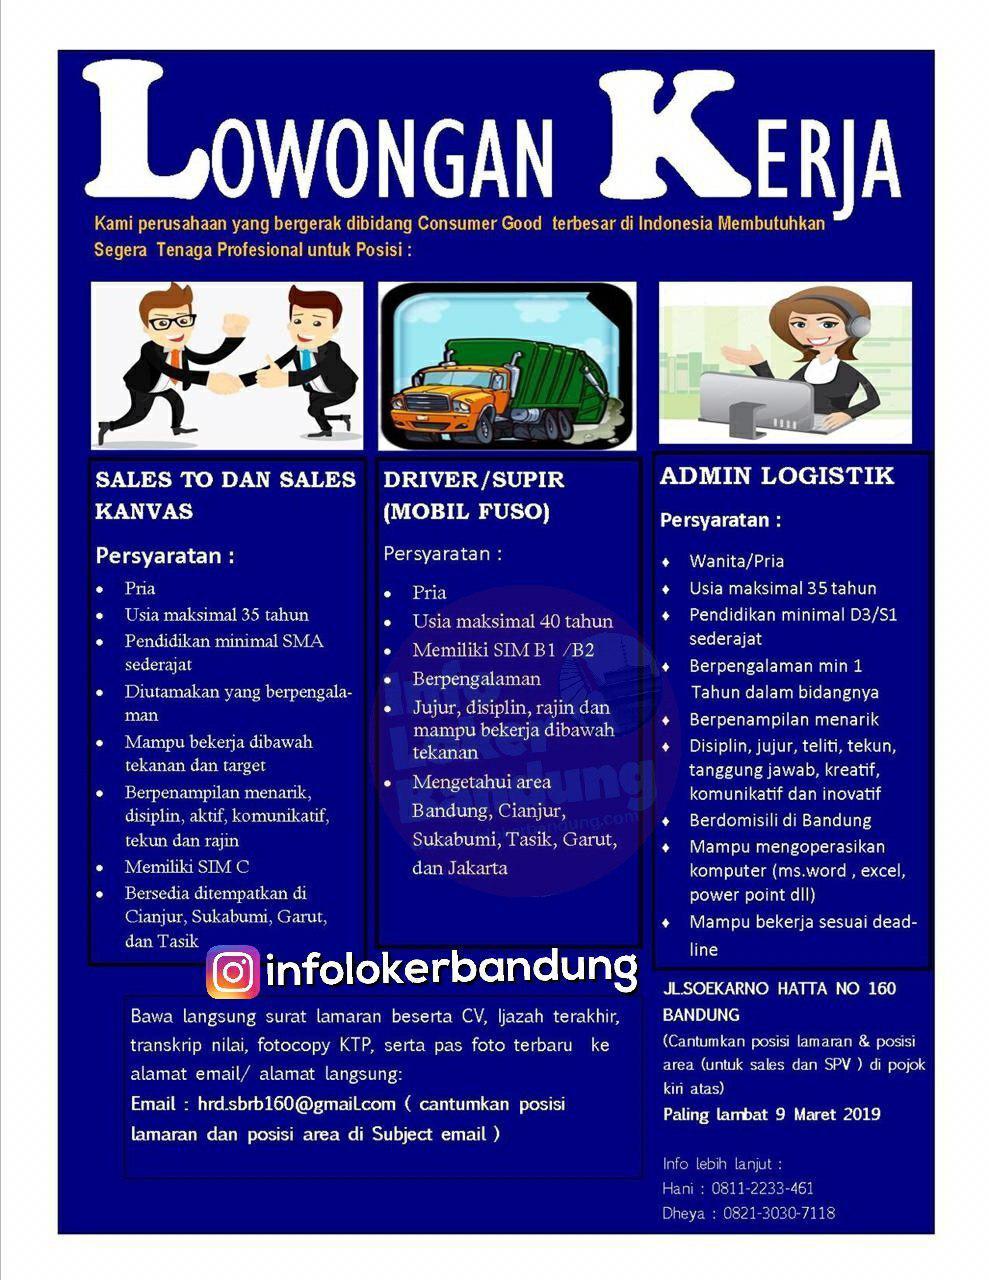 Lowongan Kerja PT. Sunga Budi Rosebrand Bandung Maret 2019